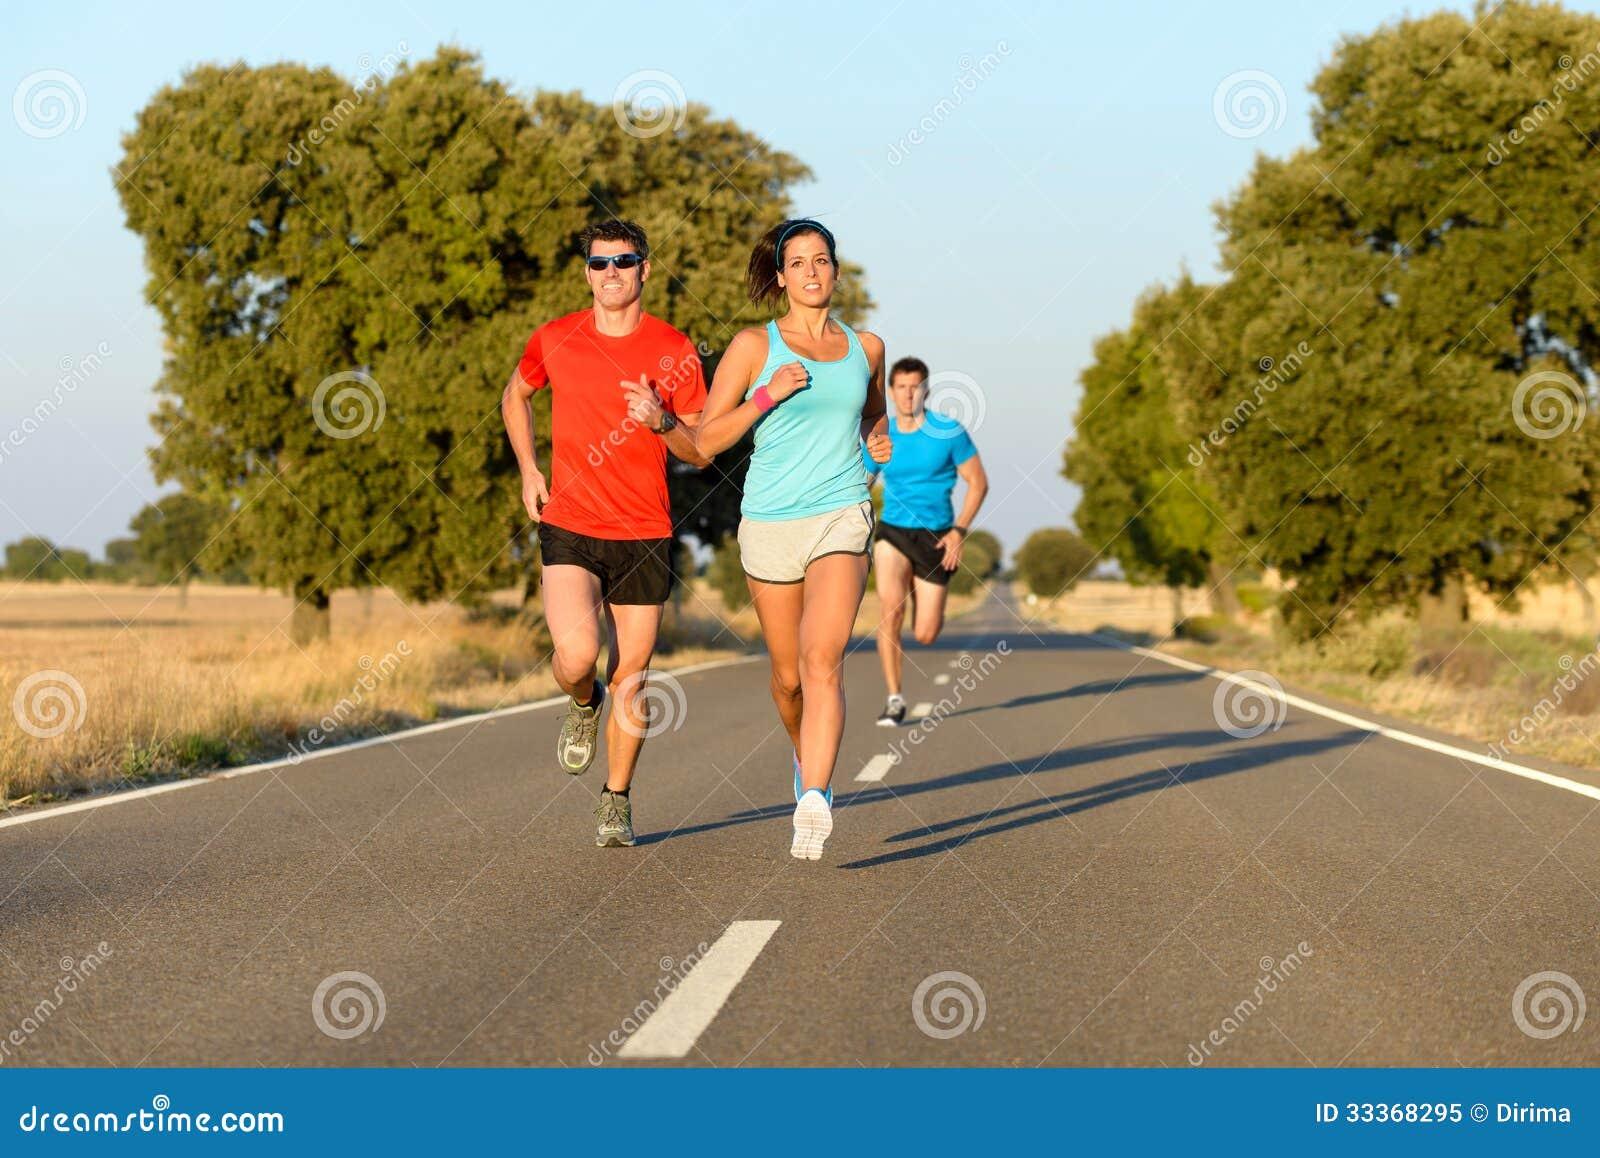 Personnes de sport courant dans la route